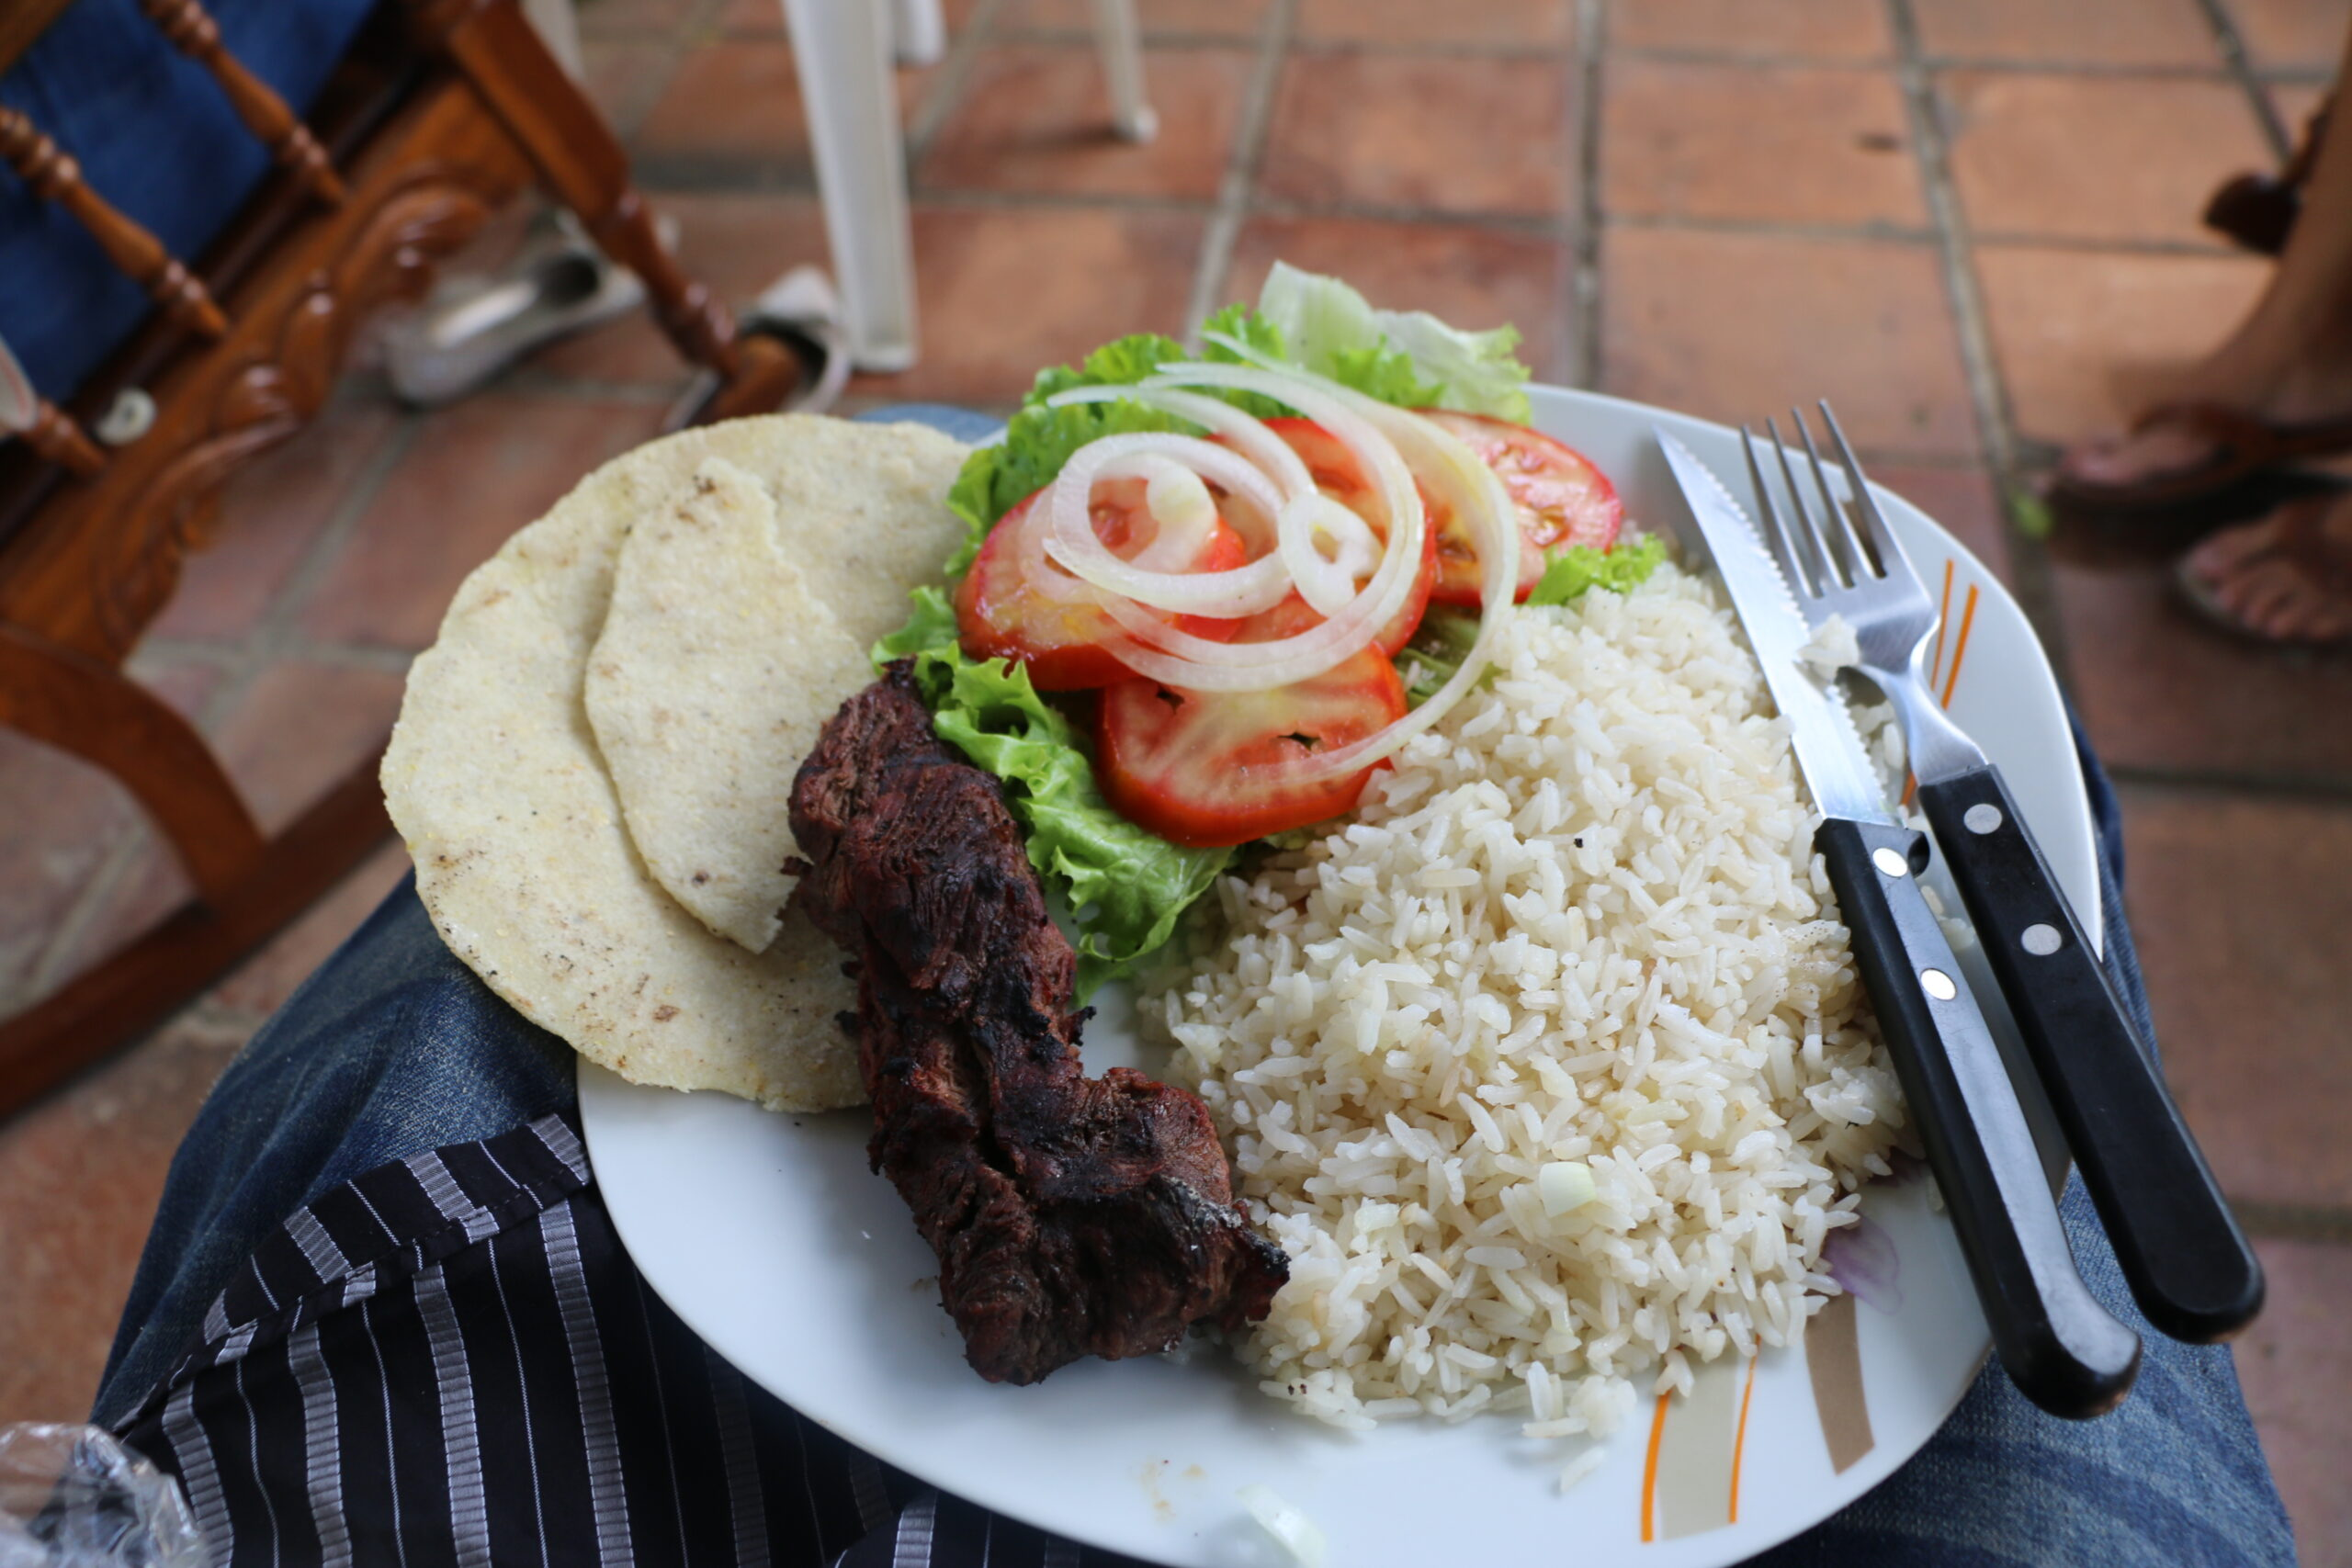 ¿Cuánto cuesta almorzar en Nicaragua?